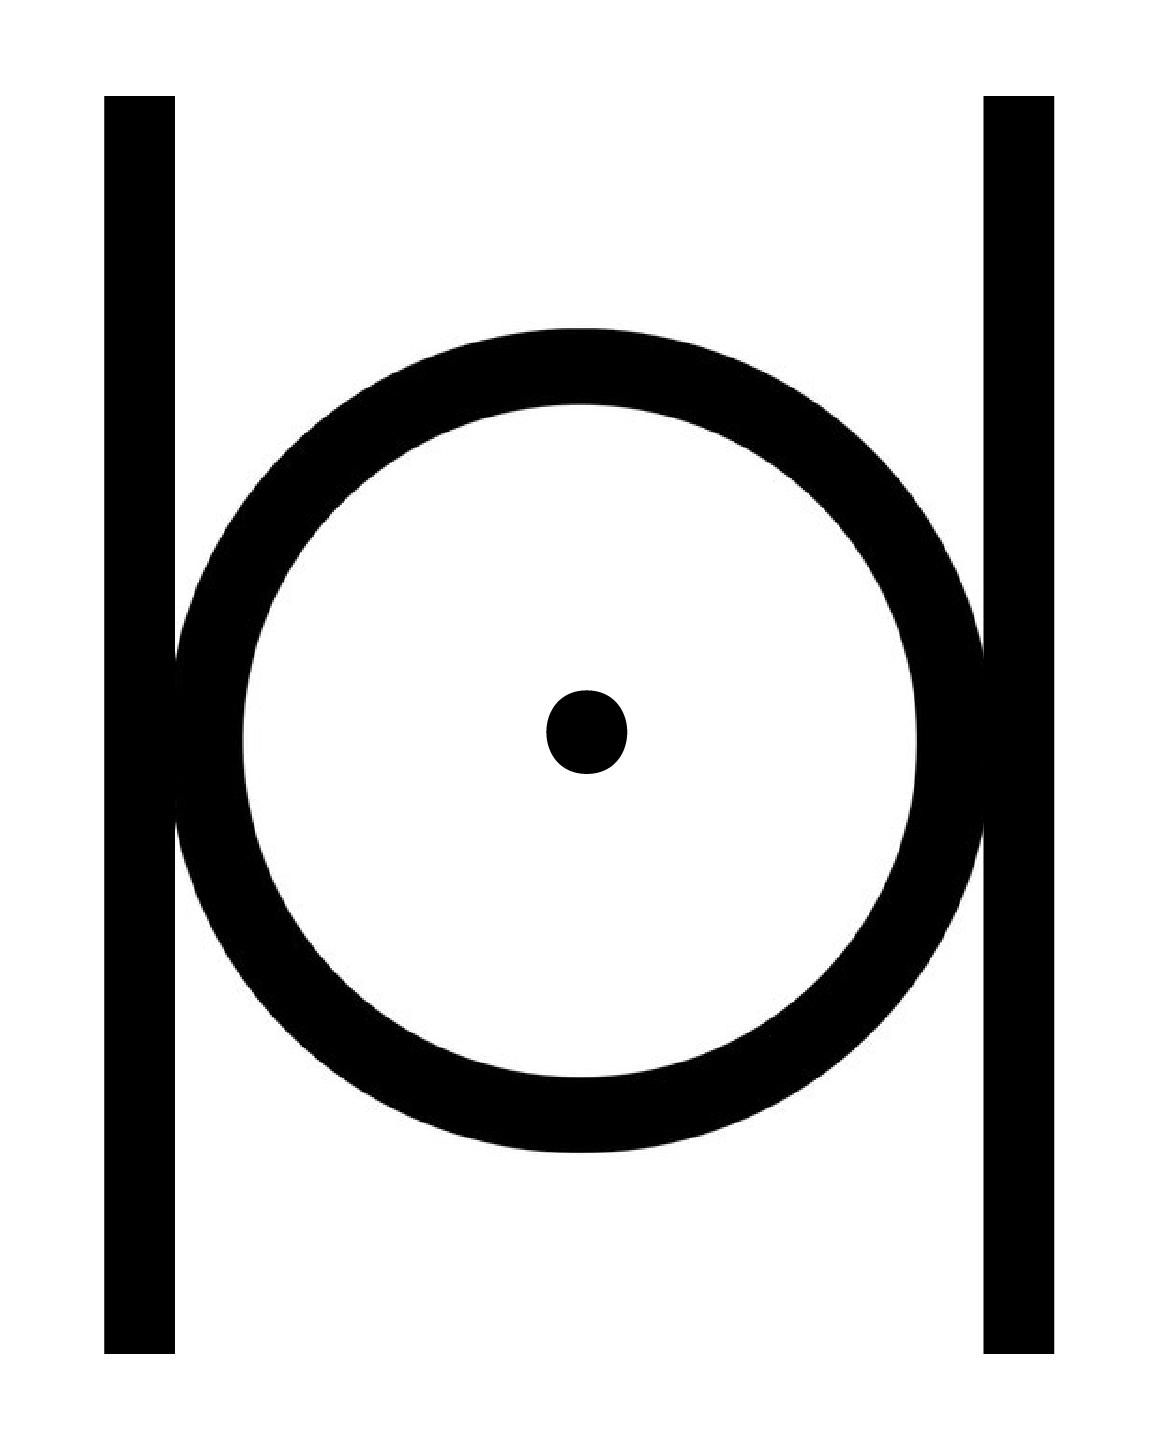 pointwithinacircle